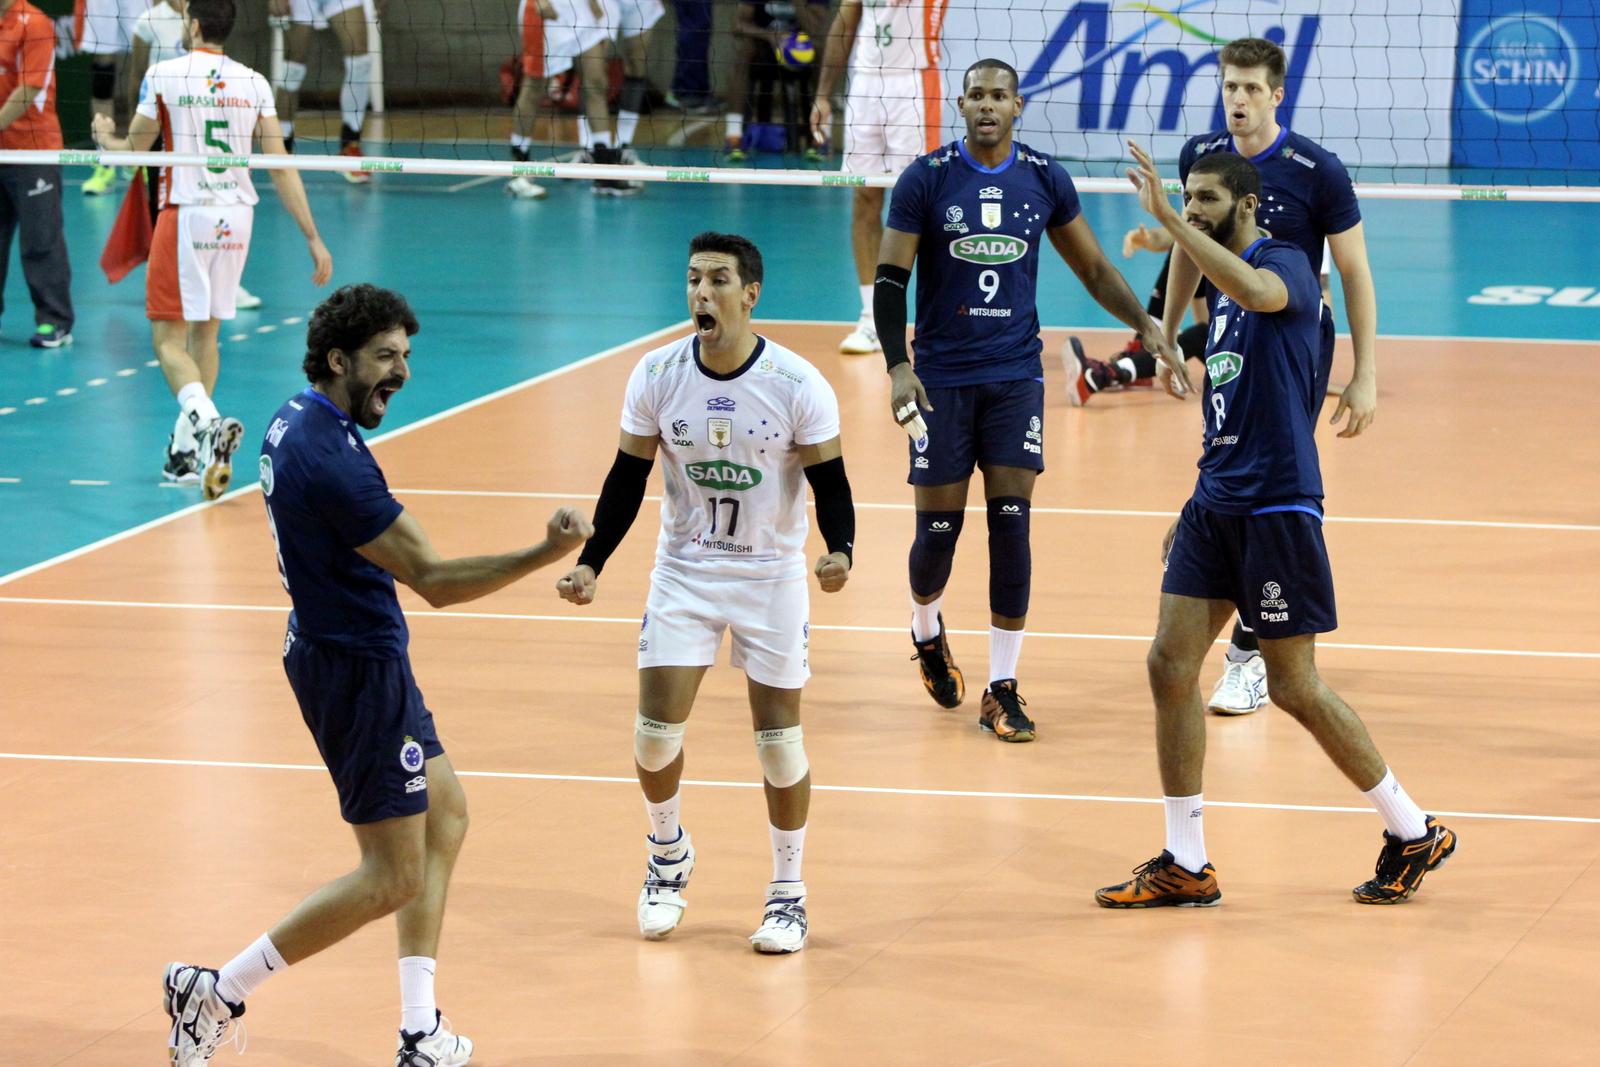 Filipe e companheiros vibram na vitória do Sada Cruzeiro sobre o Brasil  Kirin 3835ed75bd871